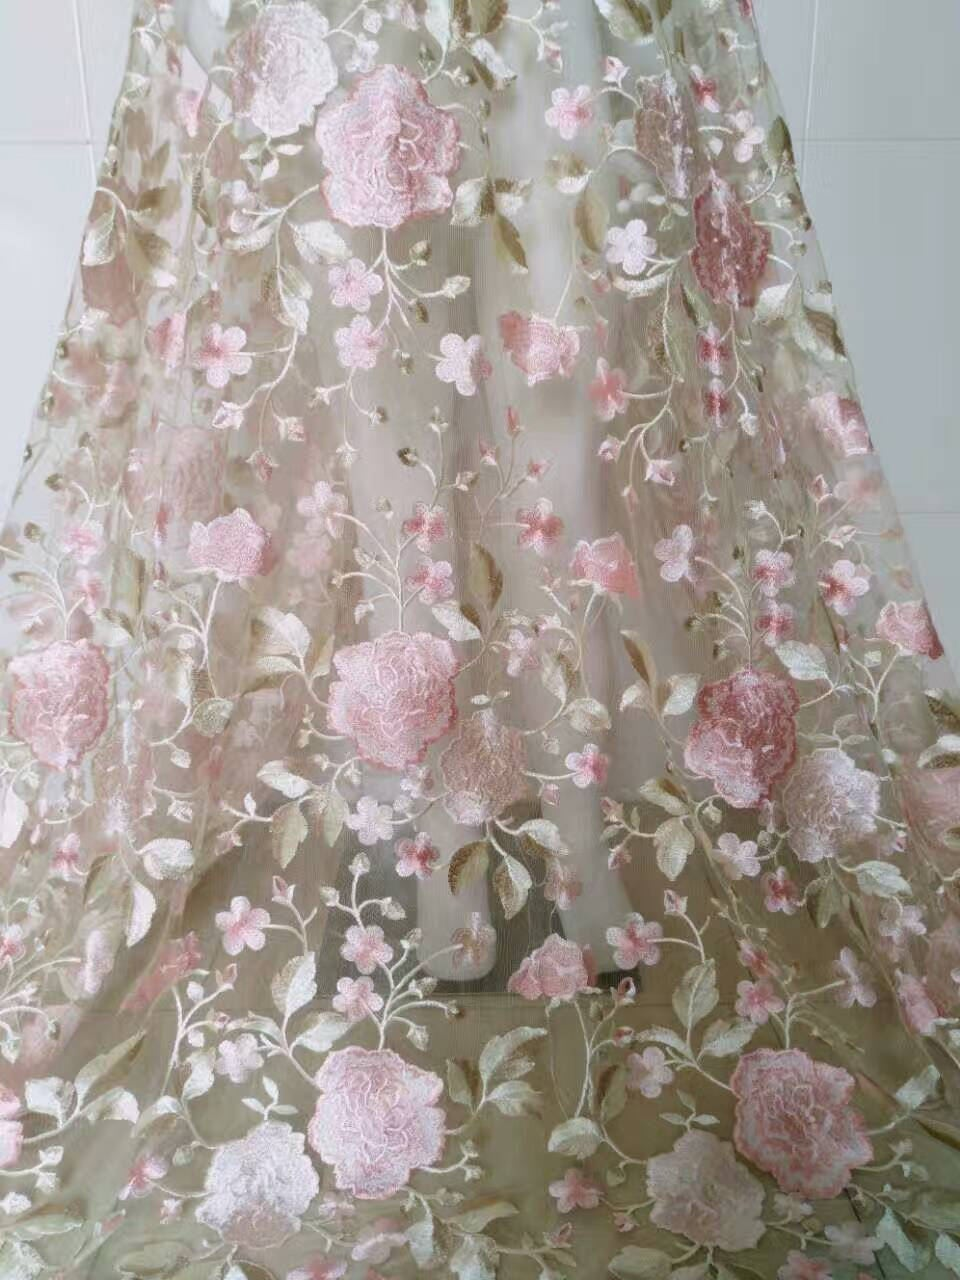 Tissu dentelle broderie rose avec Tulle souple en maille, maille, en dentelle pour la robe, décoration Rideau robe de poupée tissu bricolage 150445